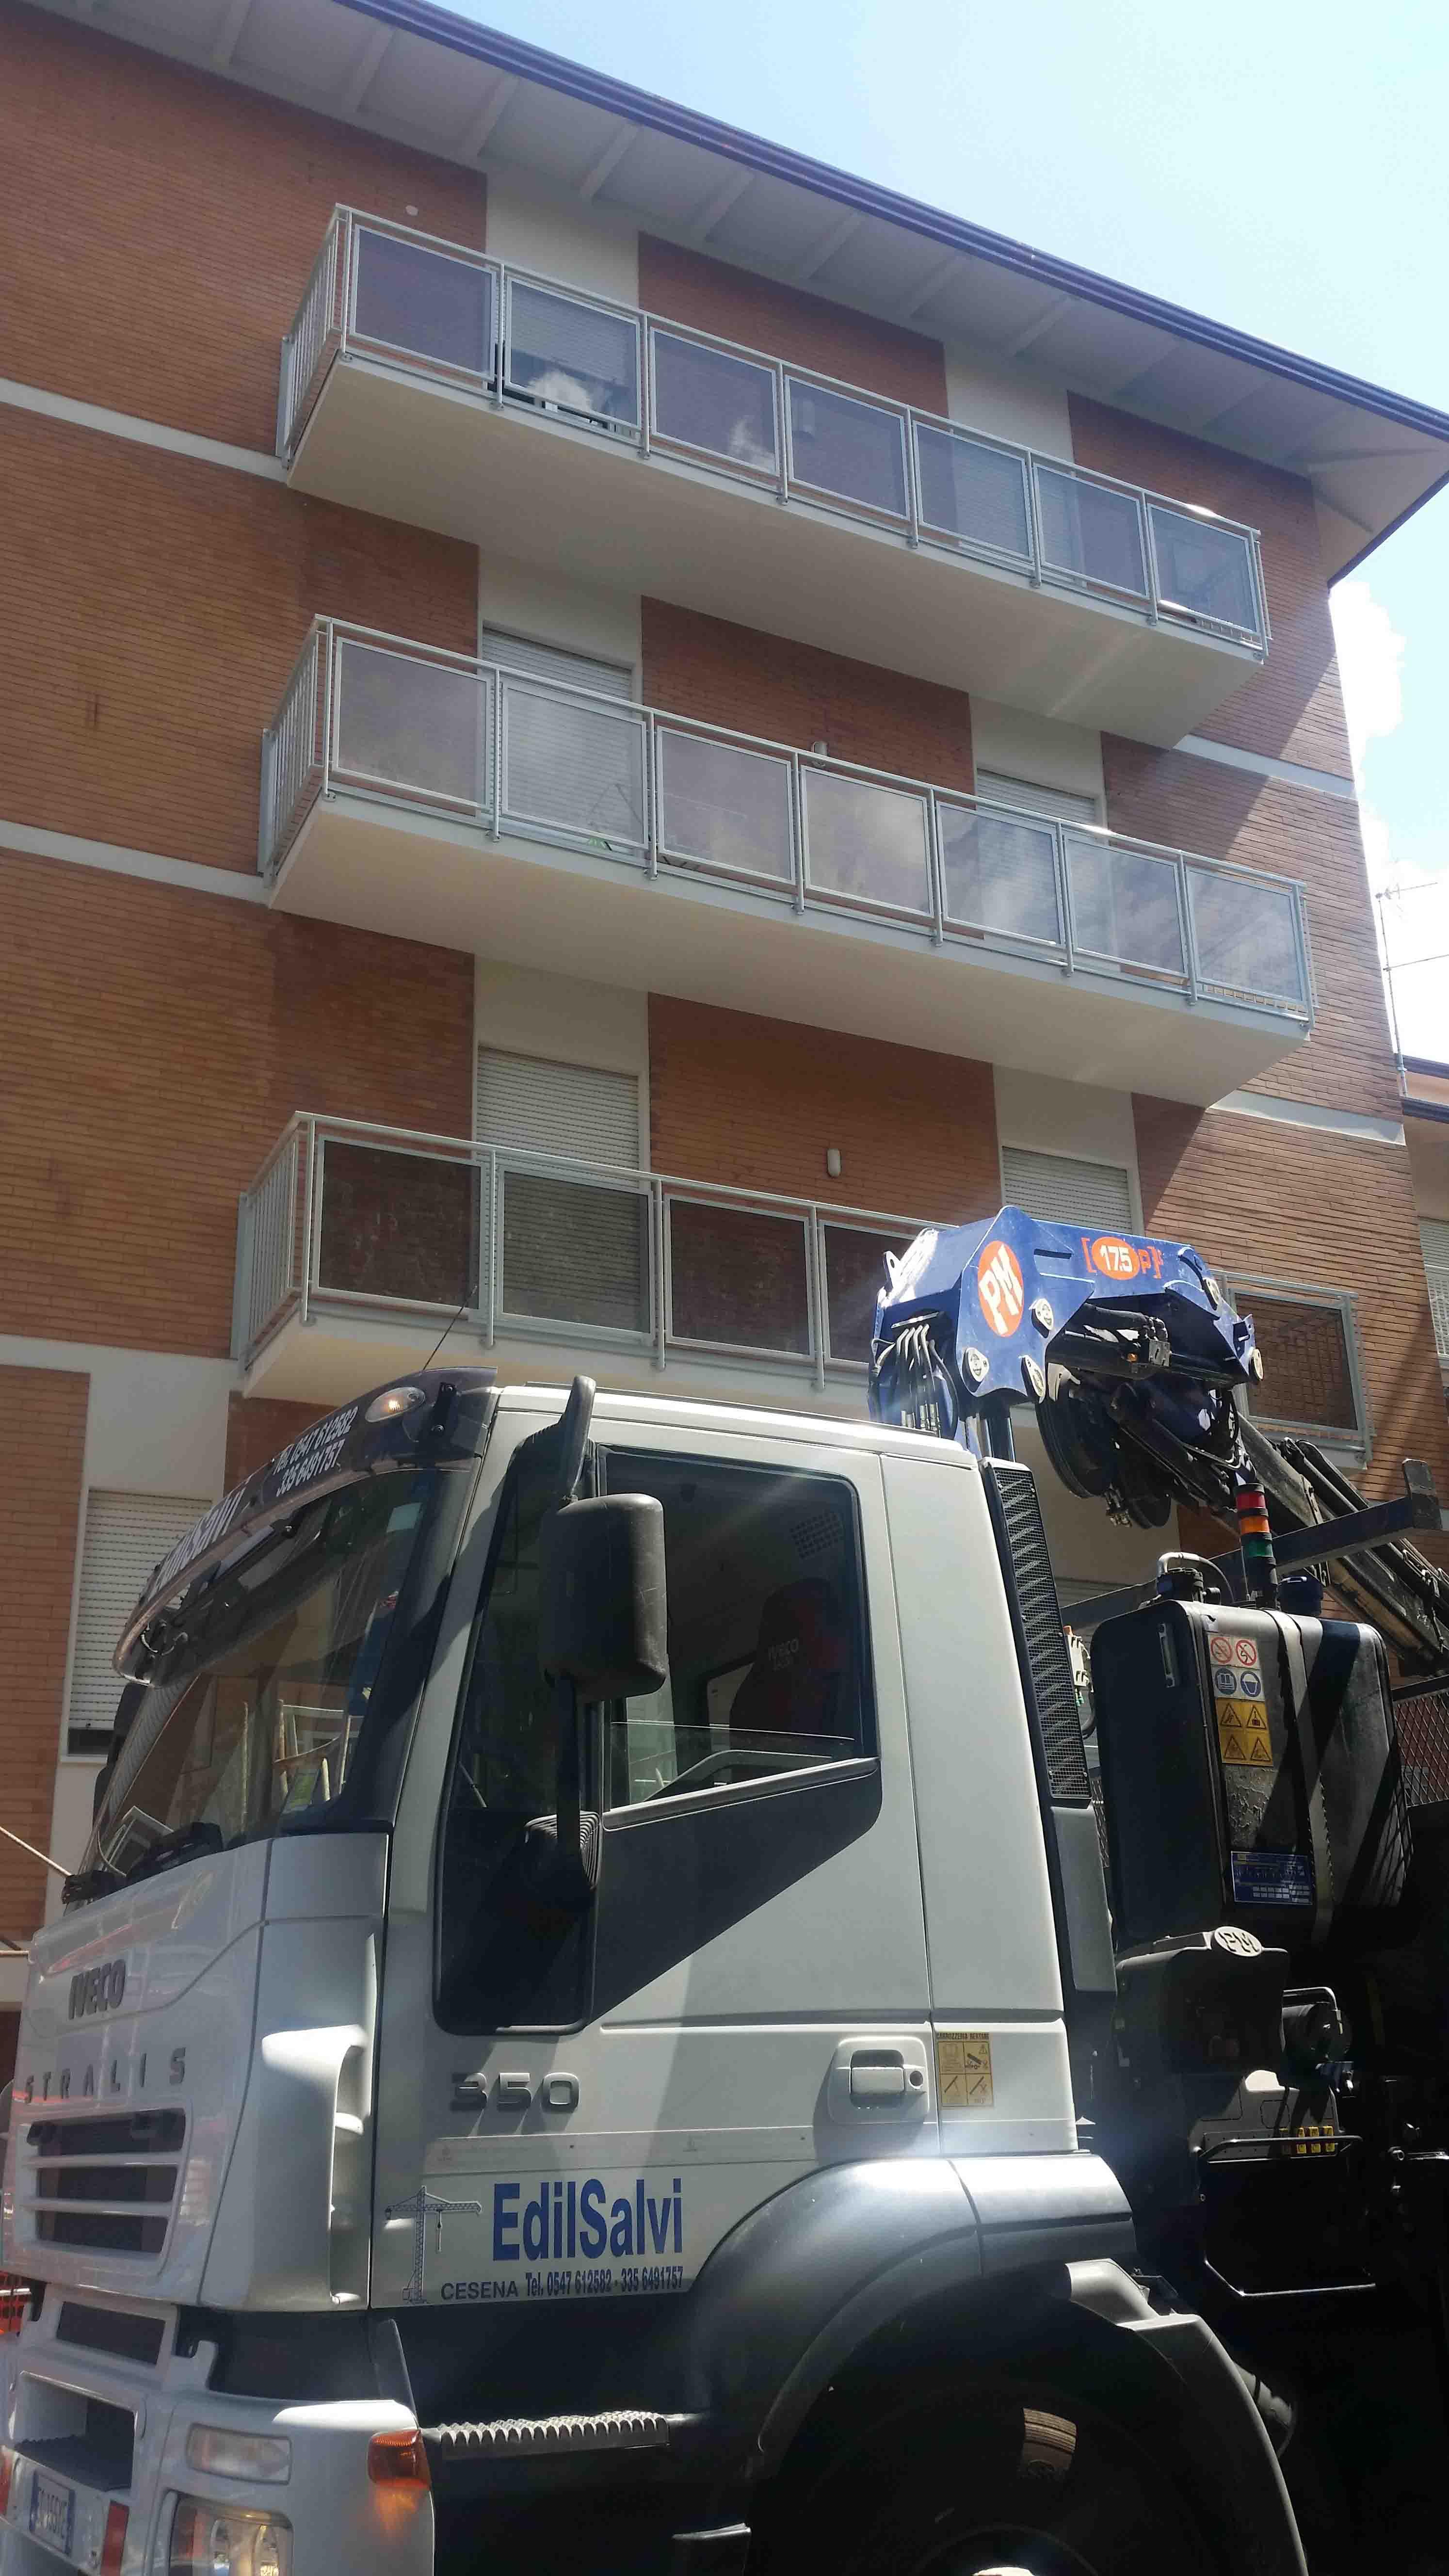 ristrutturazioni condominiali edilsalvi